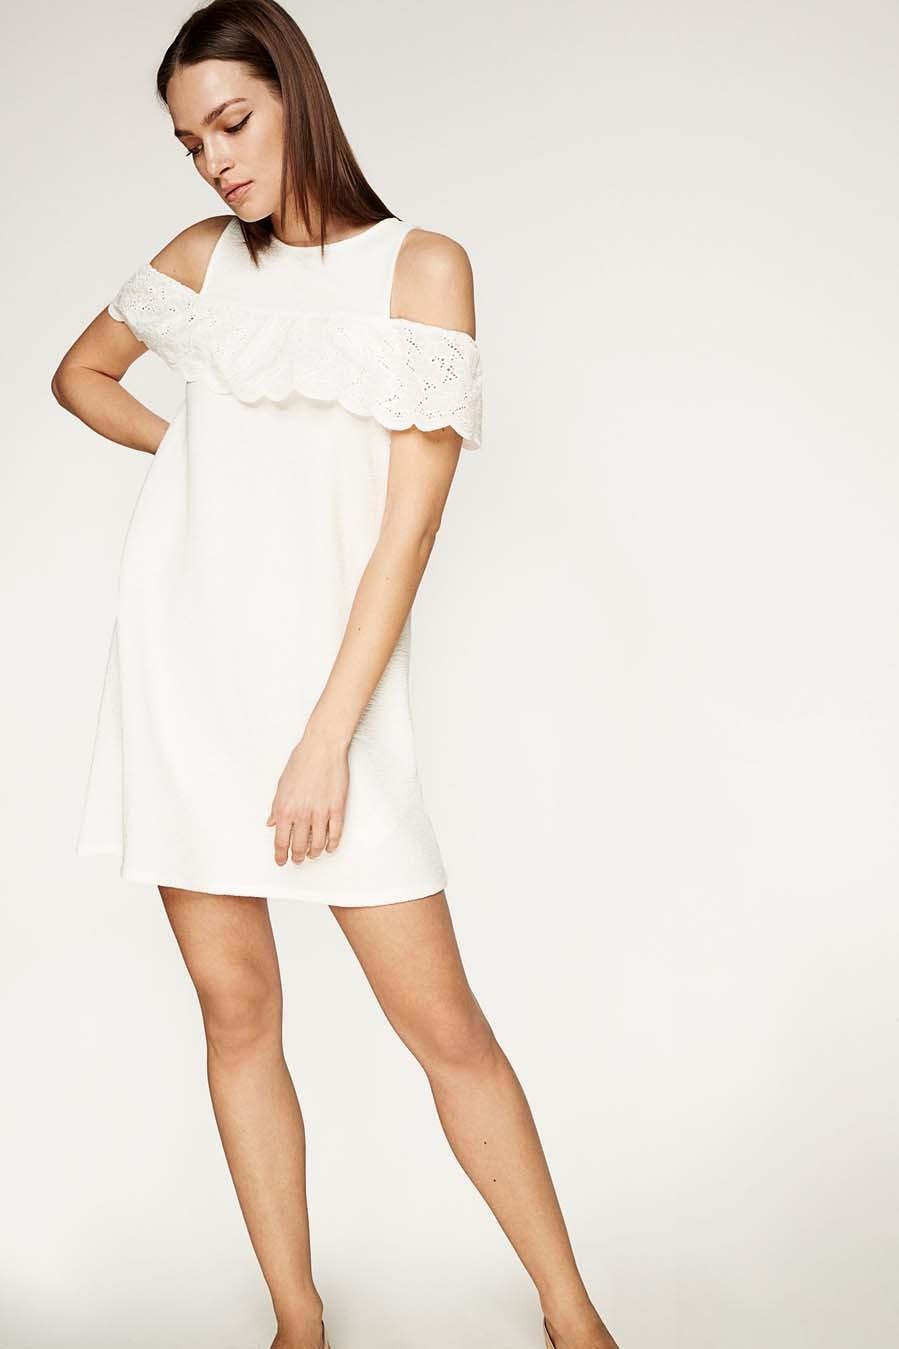 calidad y cantidad asegurada mejor selección de 2019 descuento en venta 15 vestidos blancos para un 'look' premamá de verano ...